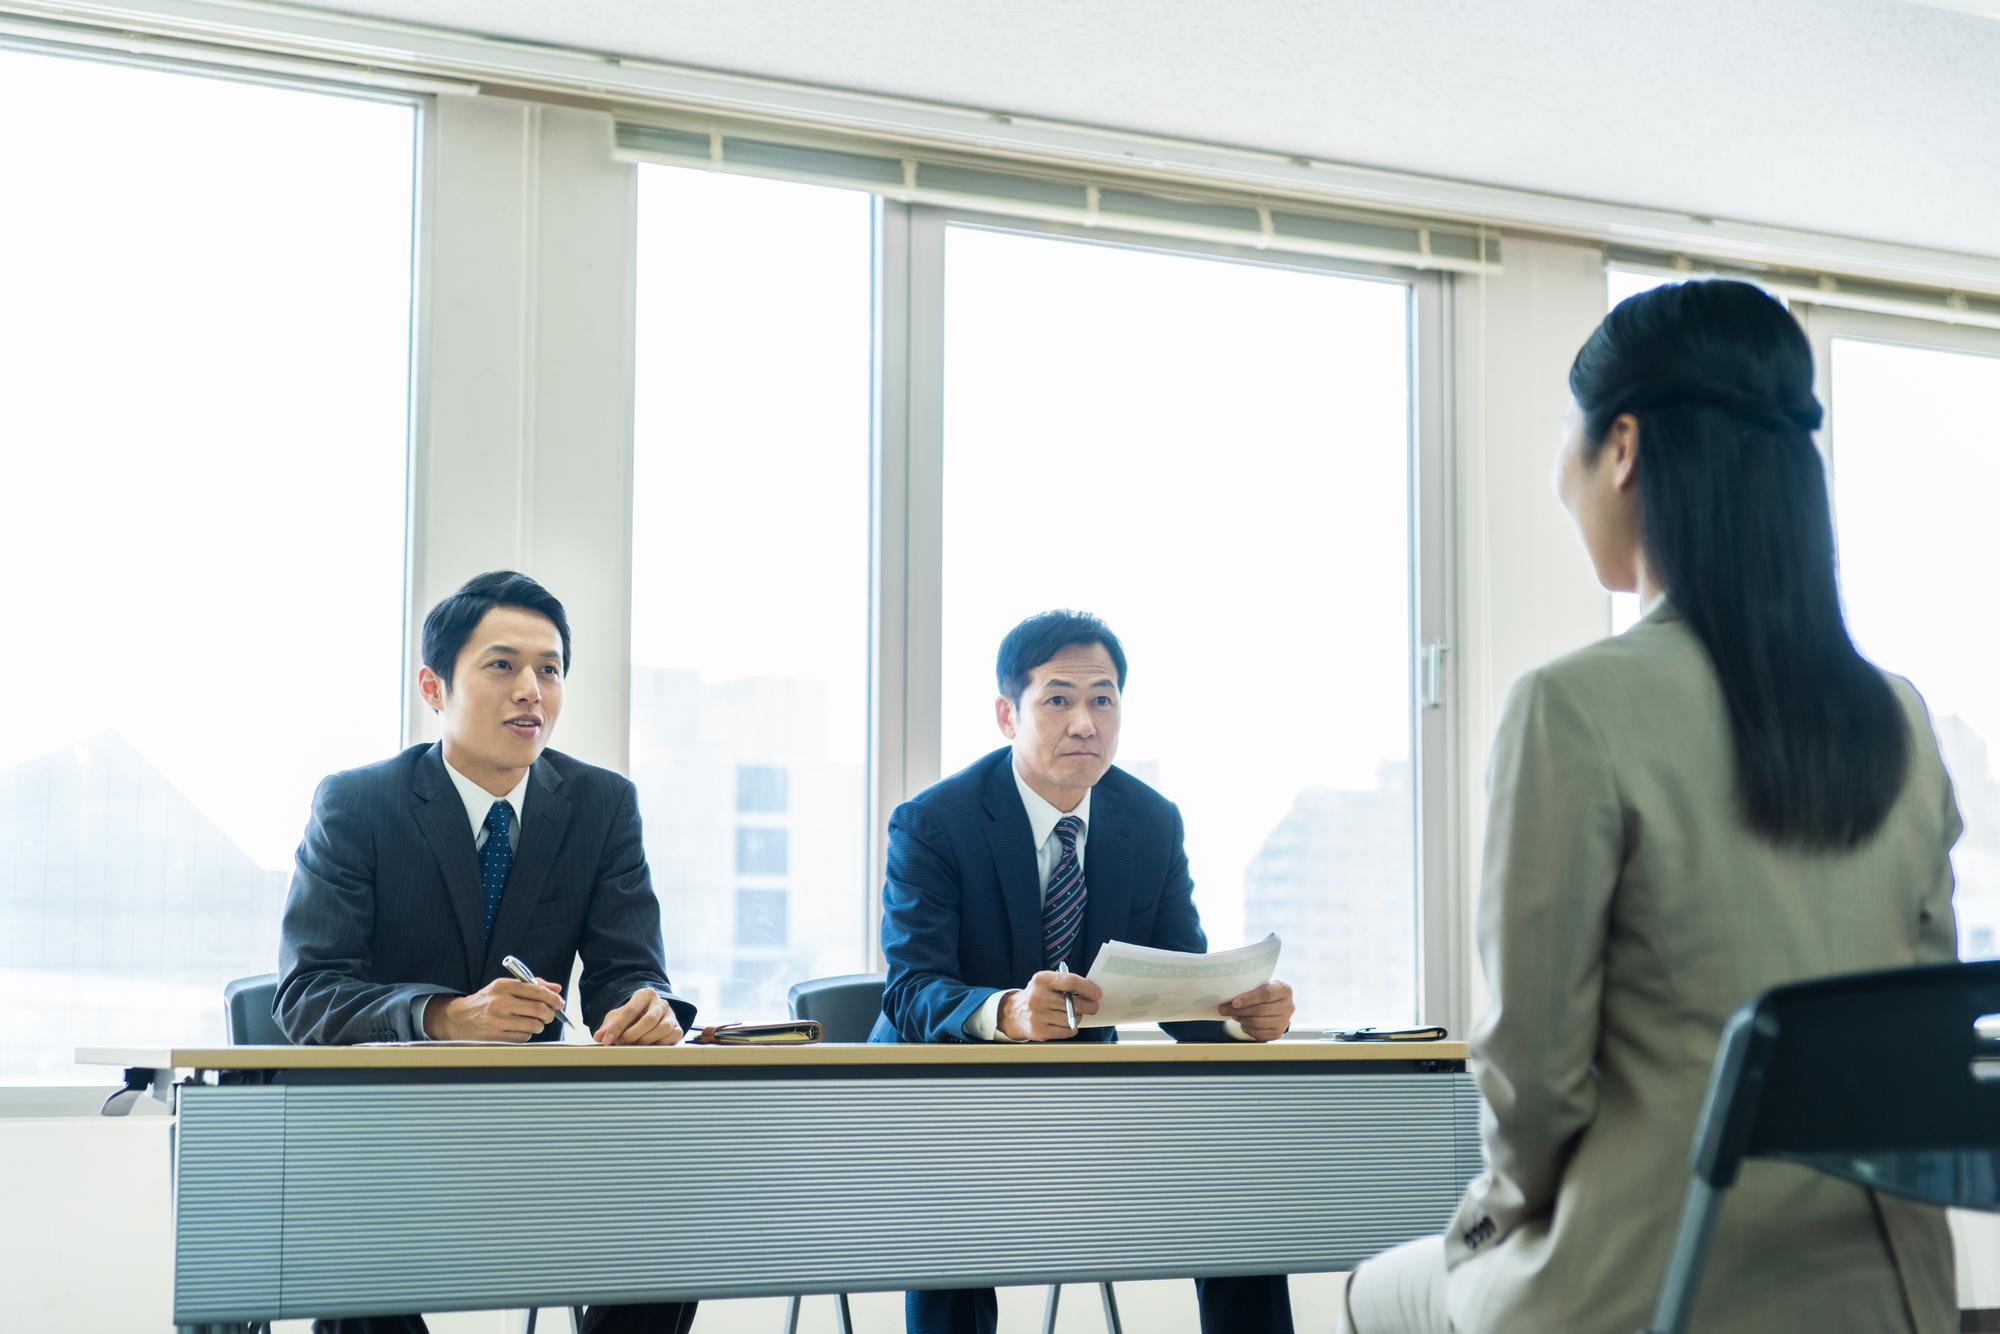 失業給付金期間中に求職活動で面接を受ける人